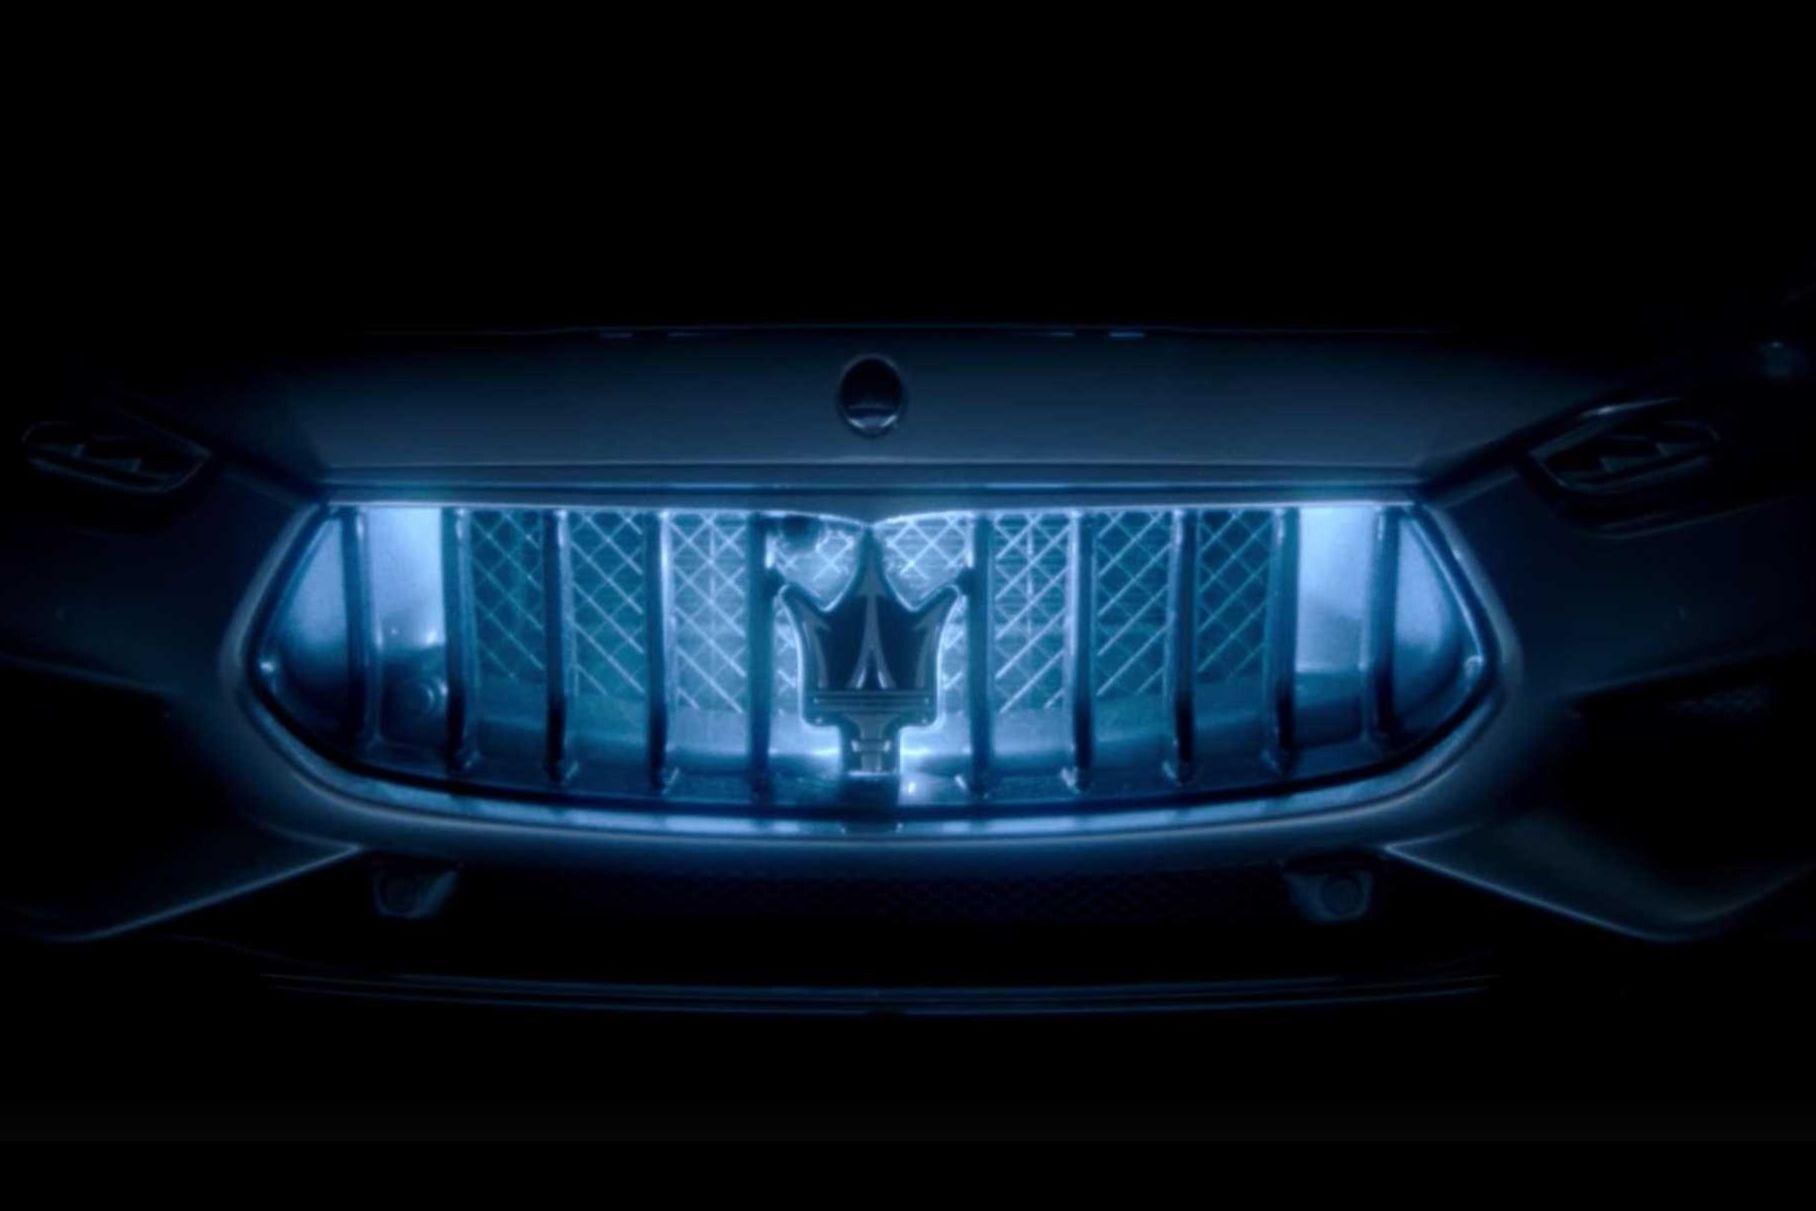 Видео: Maserati частично раскрыла внешность гибрида Ghibli